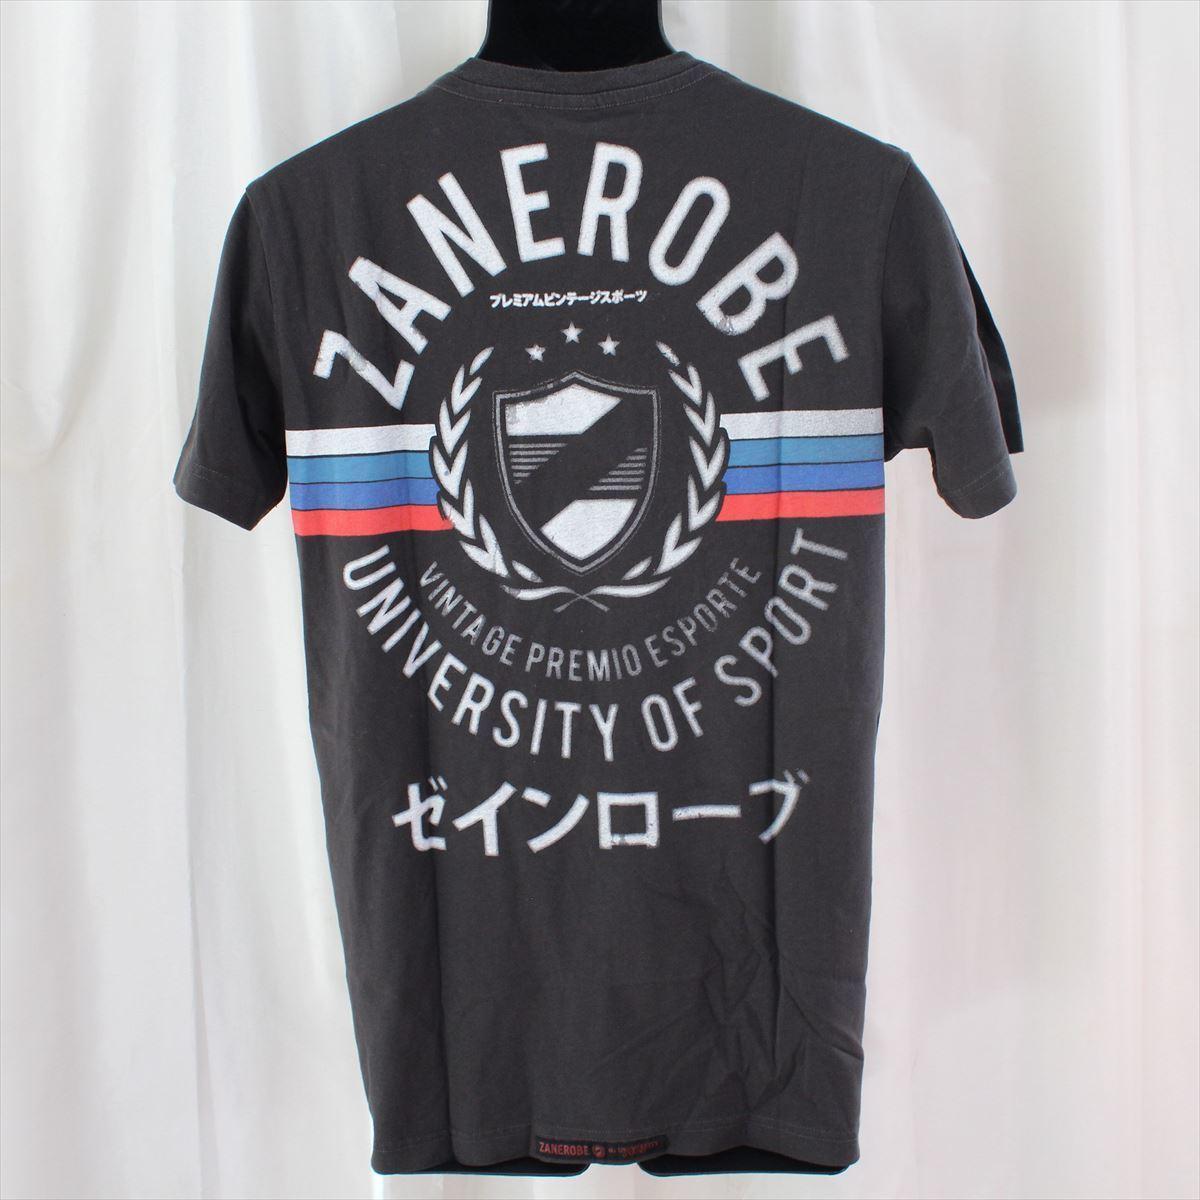 ゼインローブ ZANEROBE メンズ半袖Tシャツ ブラック Mサイズ 新品_画像4